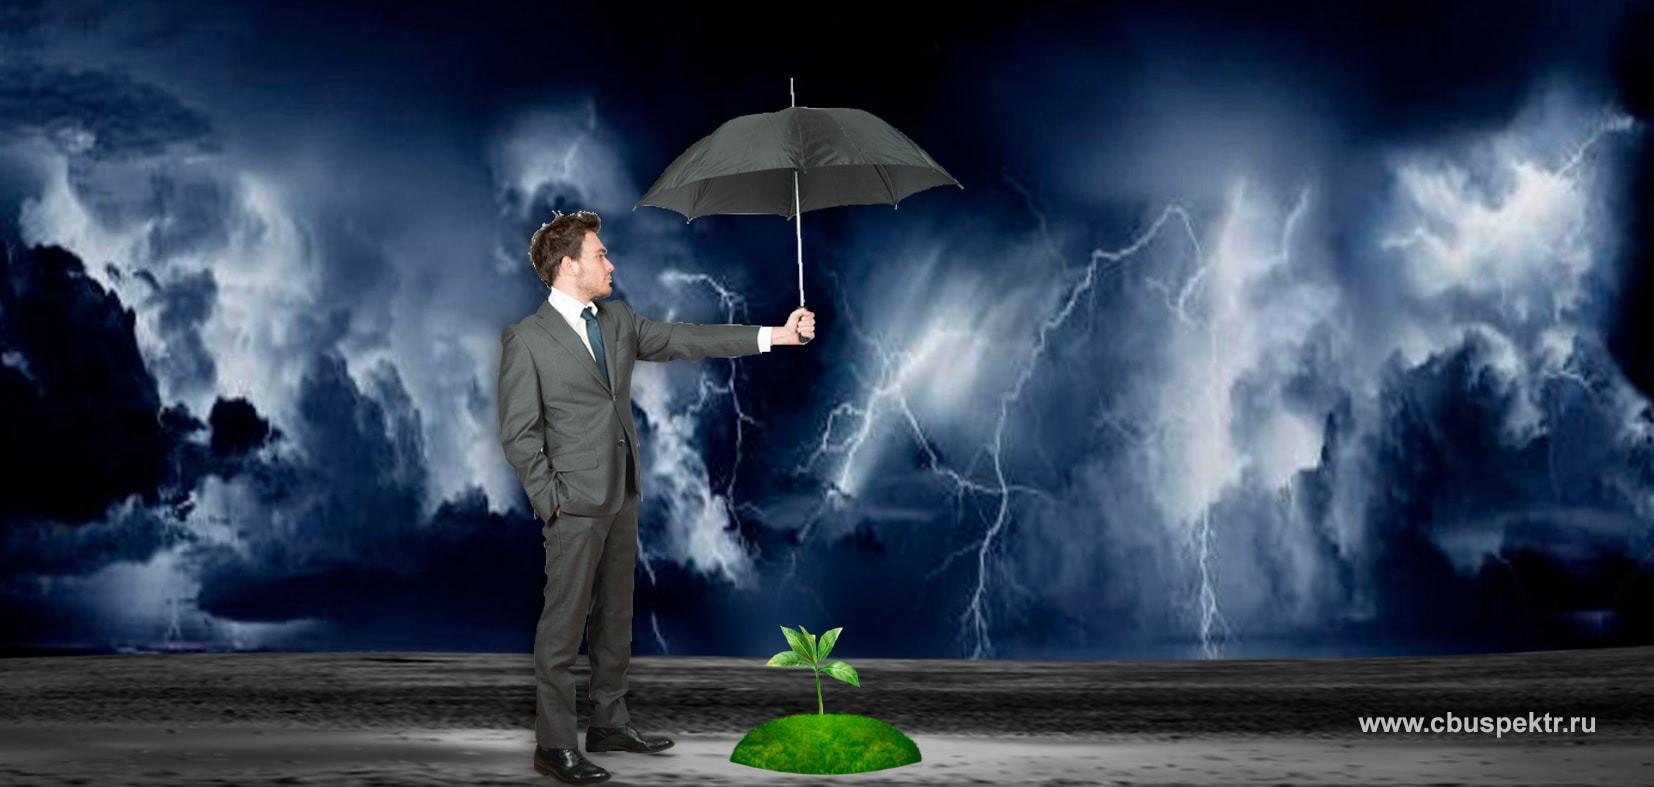 Мужчина в костюме зонтиком защищает росток от урагана